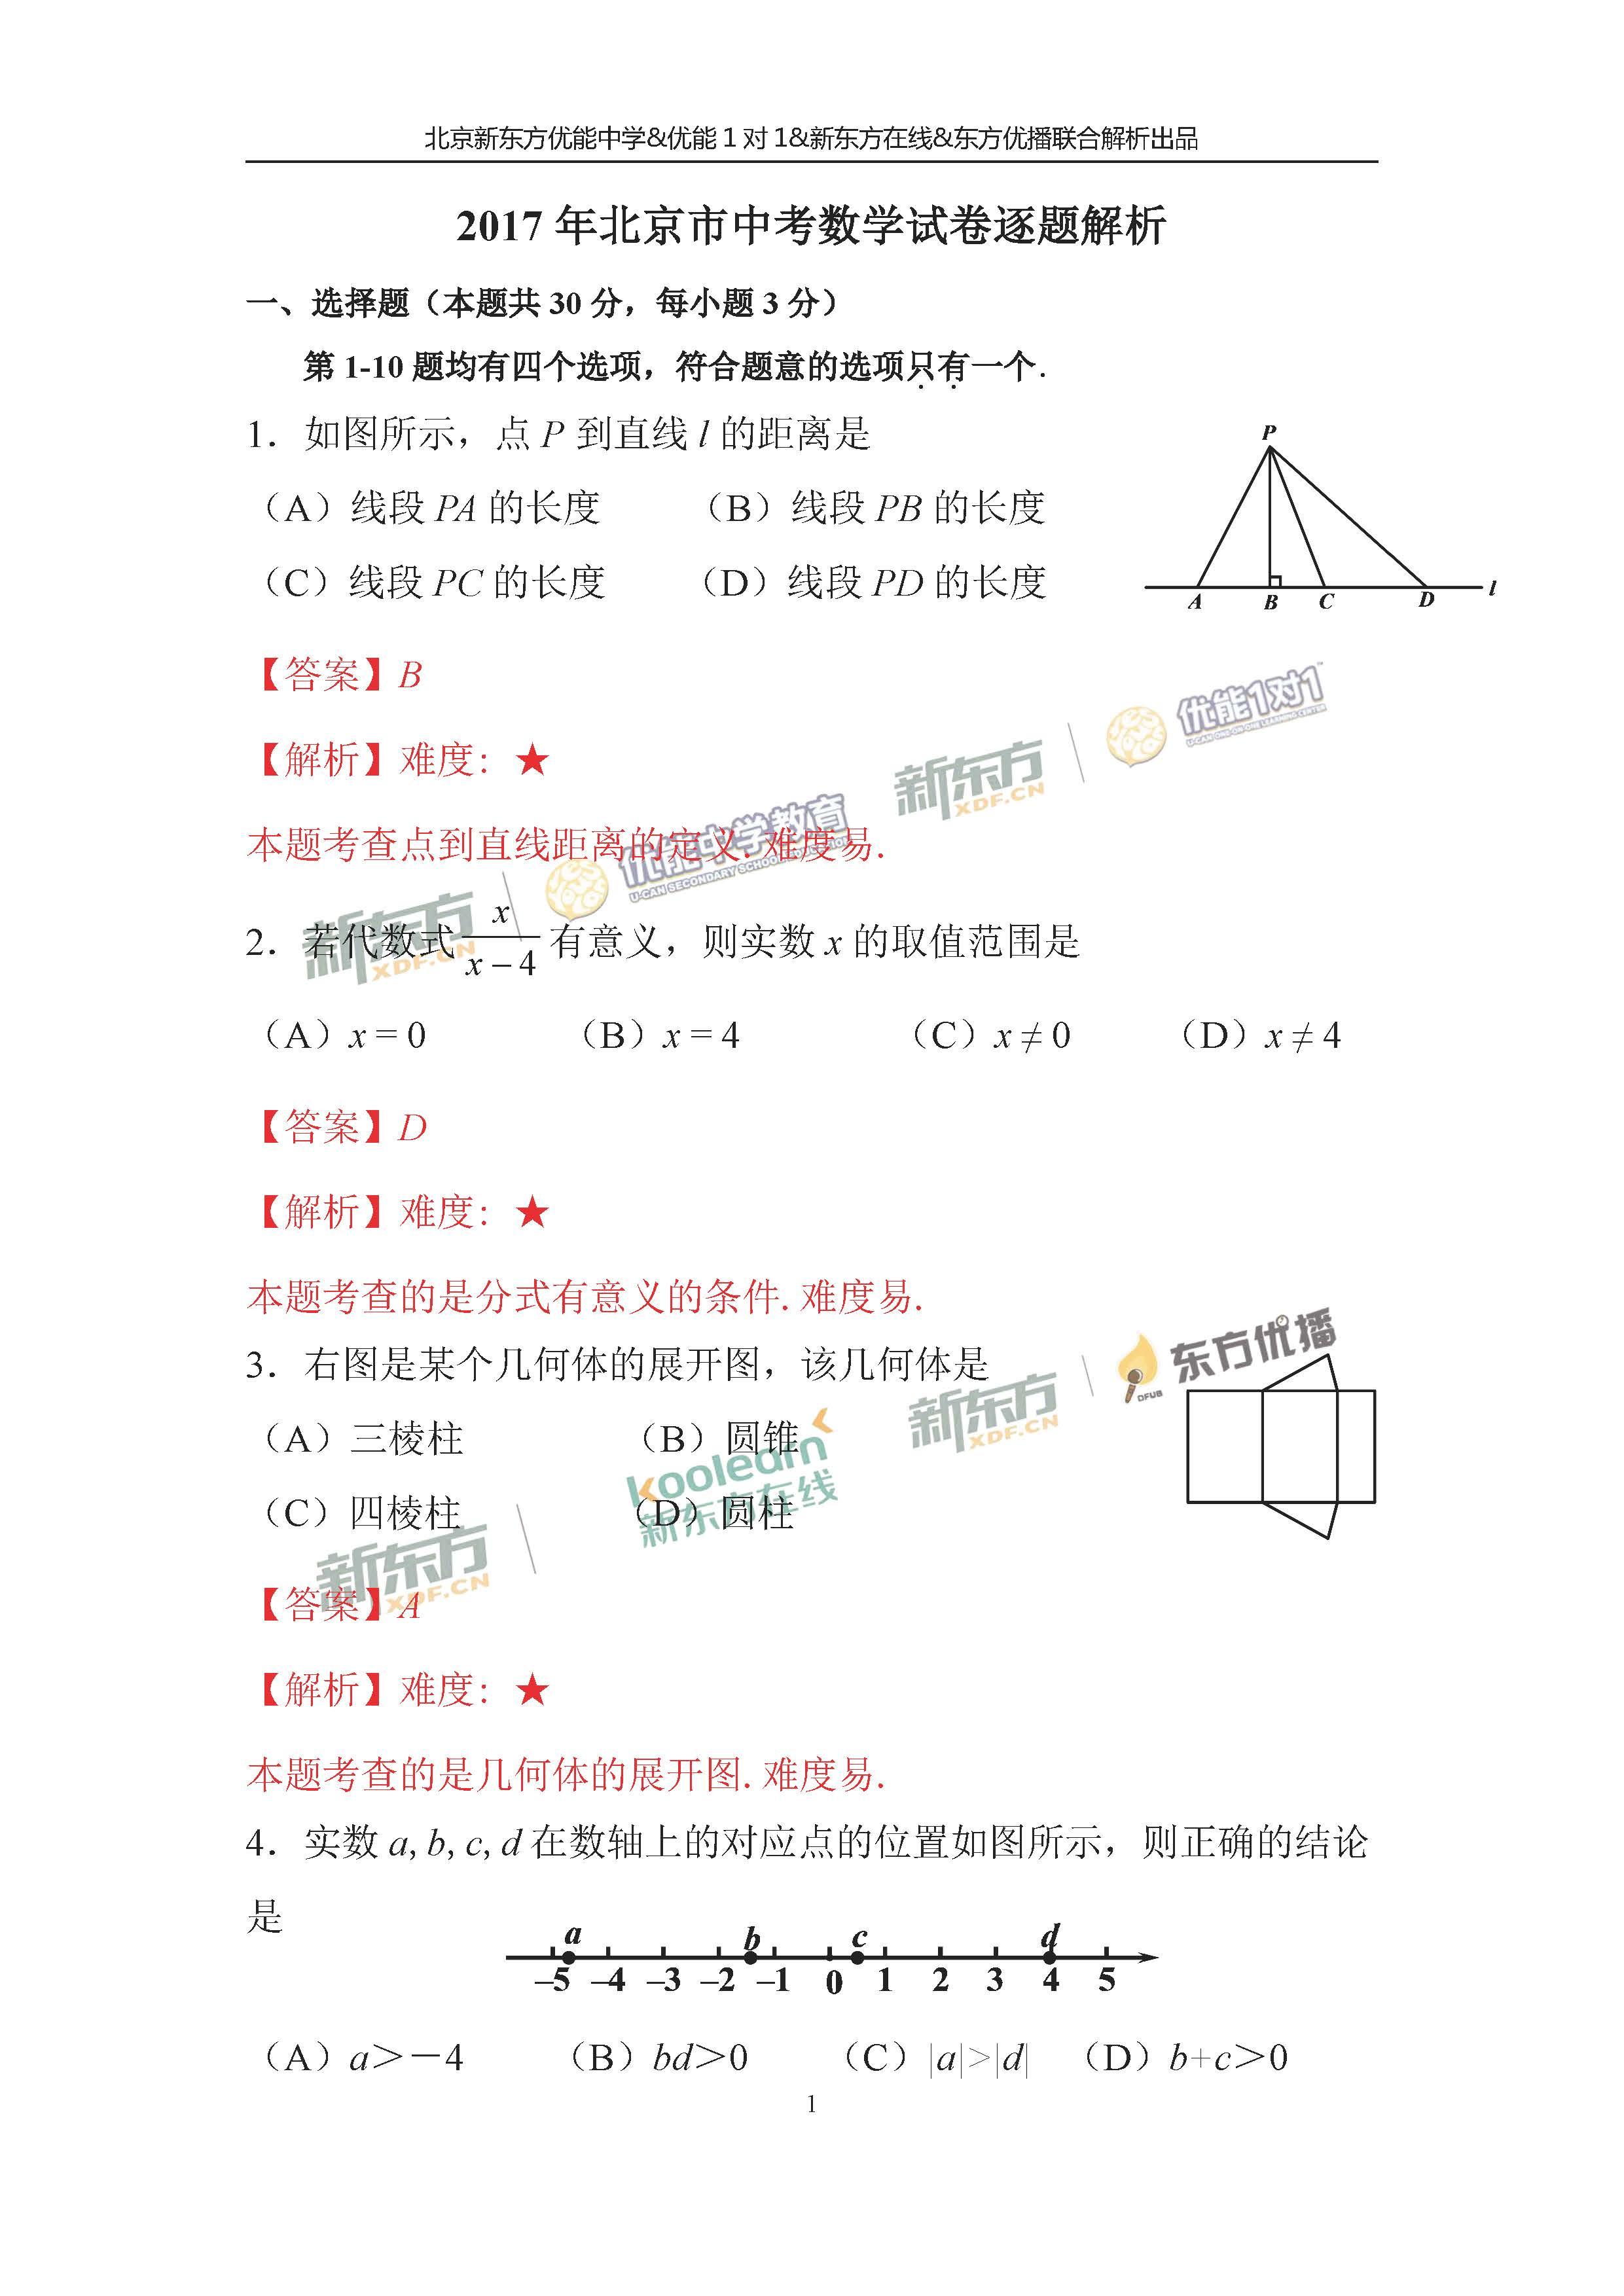 新东方优能名师逐题解析北京2017中考数学试题答案(图片版)